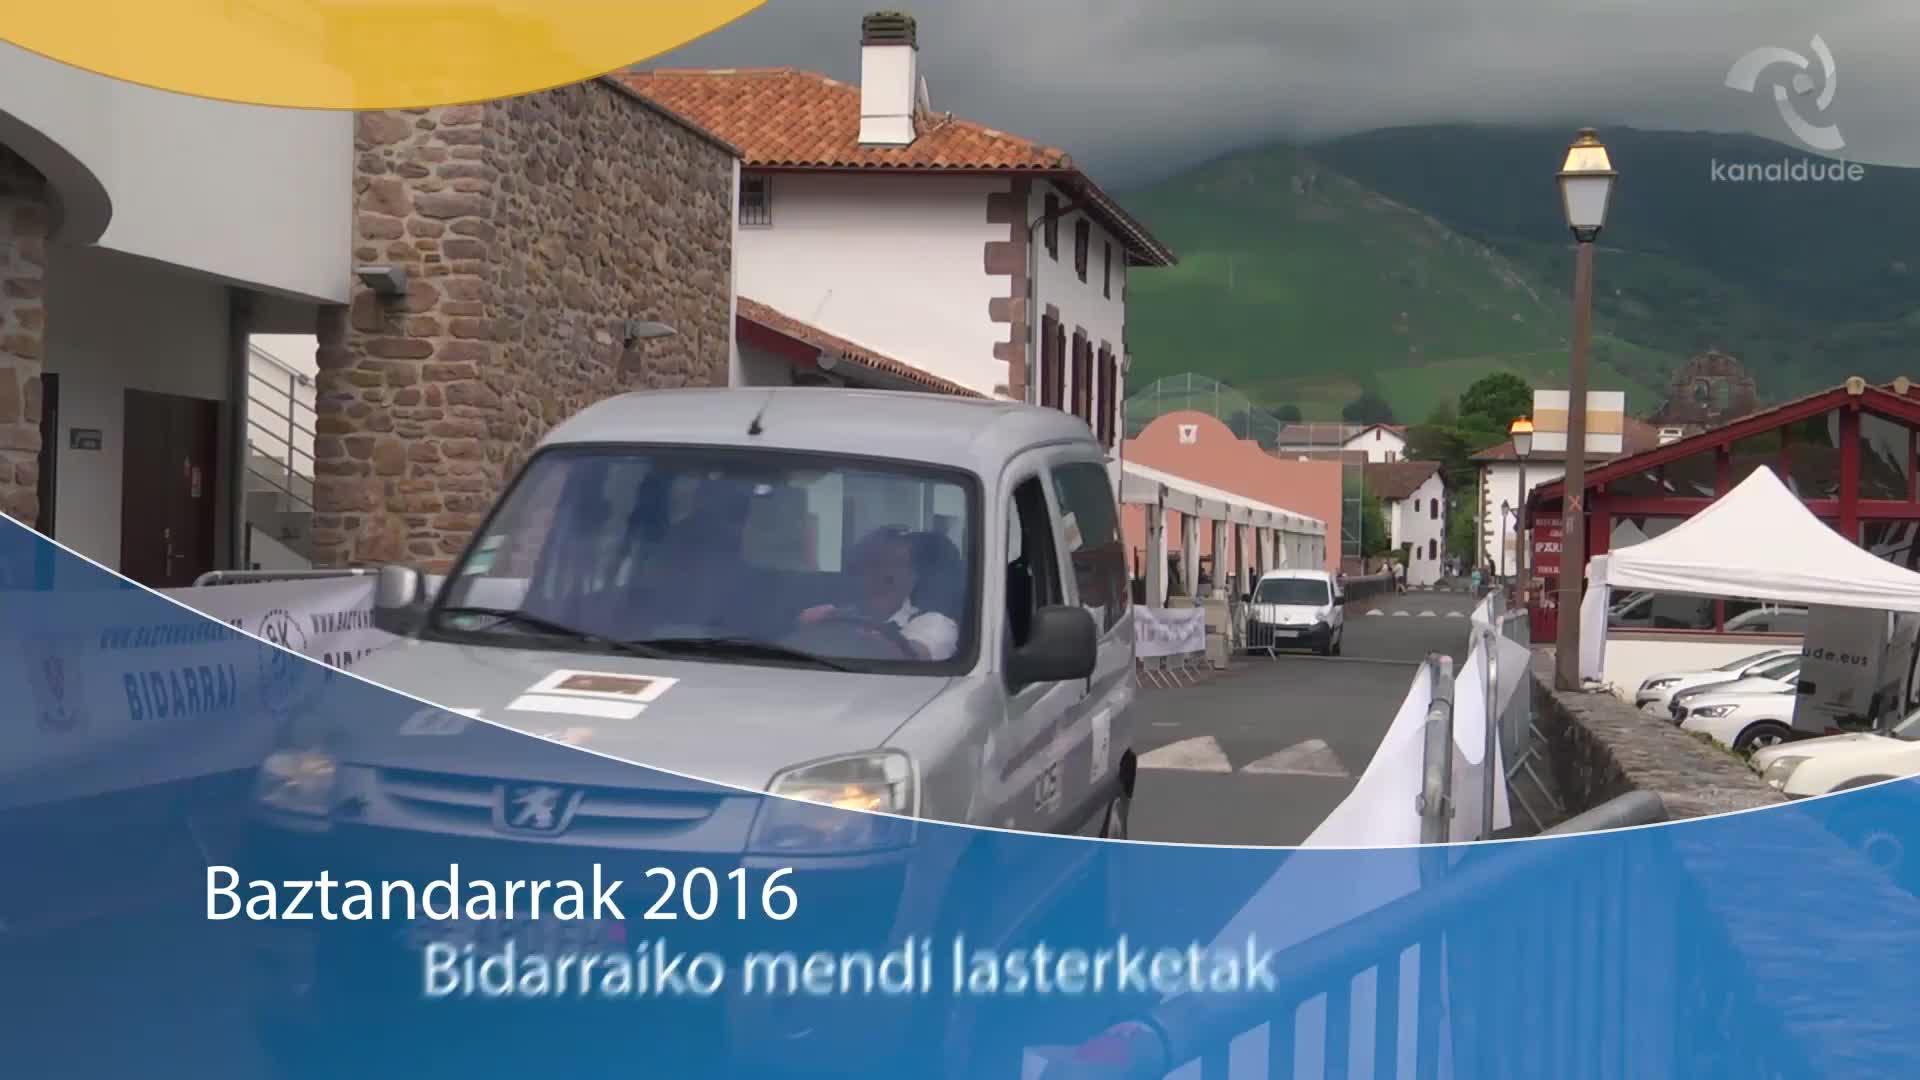 Baztandarrak 2016: Bidarraiko mendi lasterketa